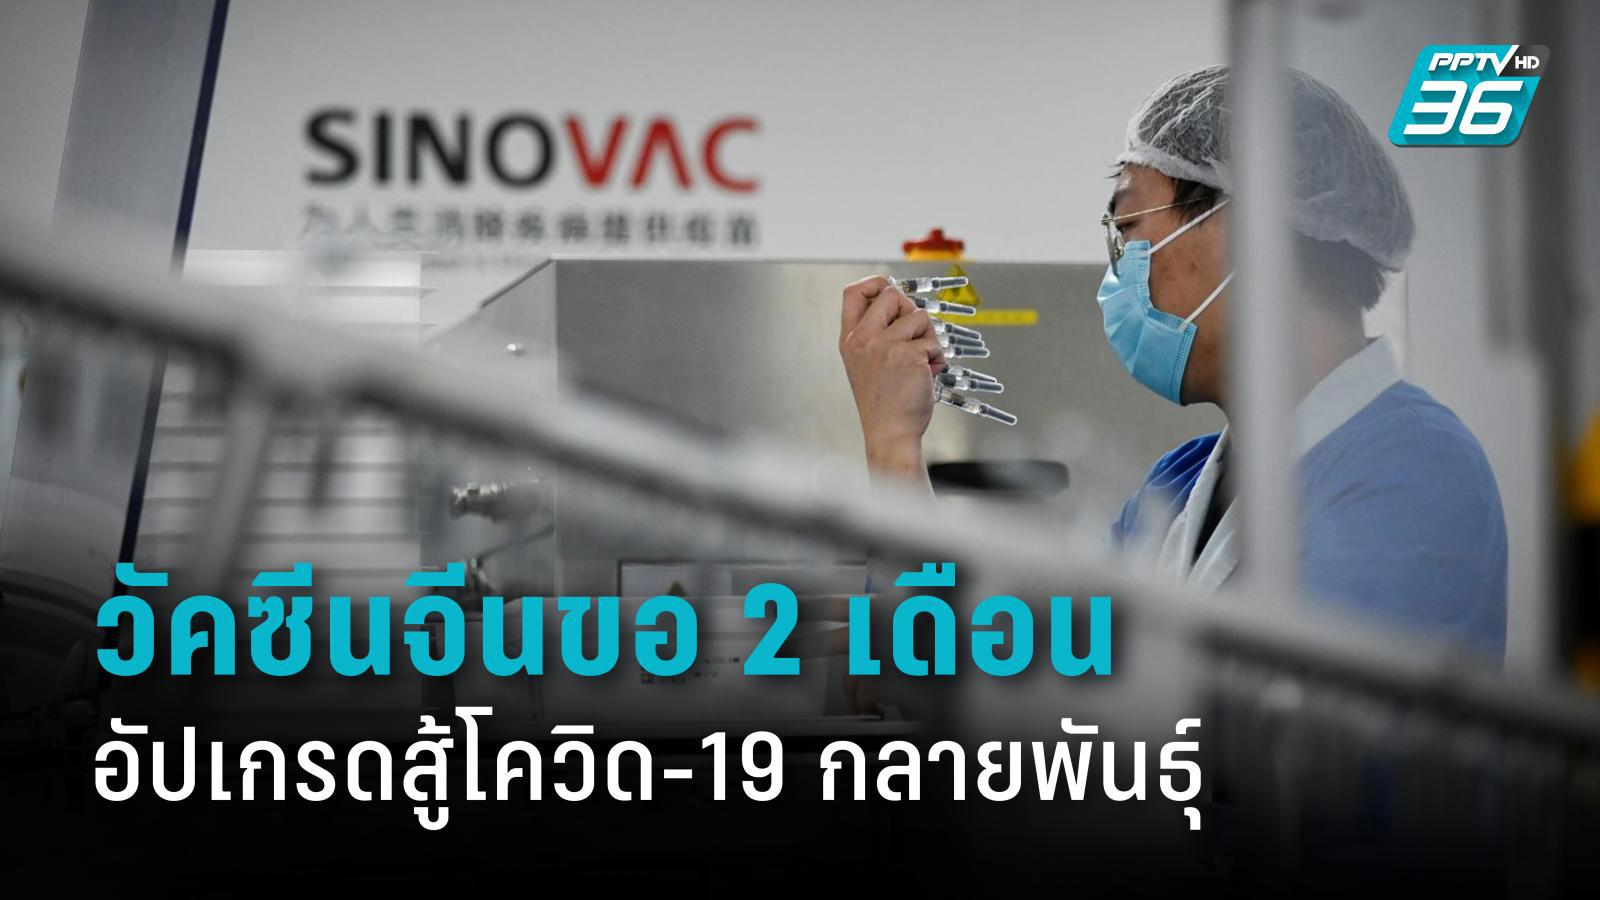 วัคซีนโควิด-19 จีนต้องใช้เวลา 2 เดือนในการอัปเกรดสู้เชื้อกลายพันธุ์